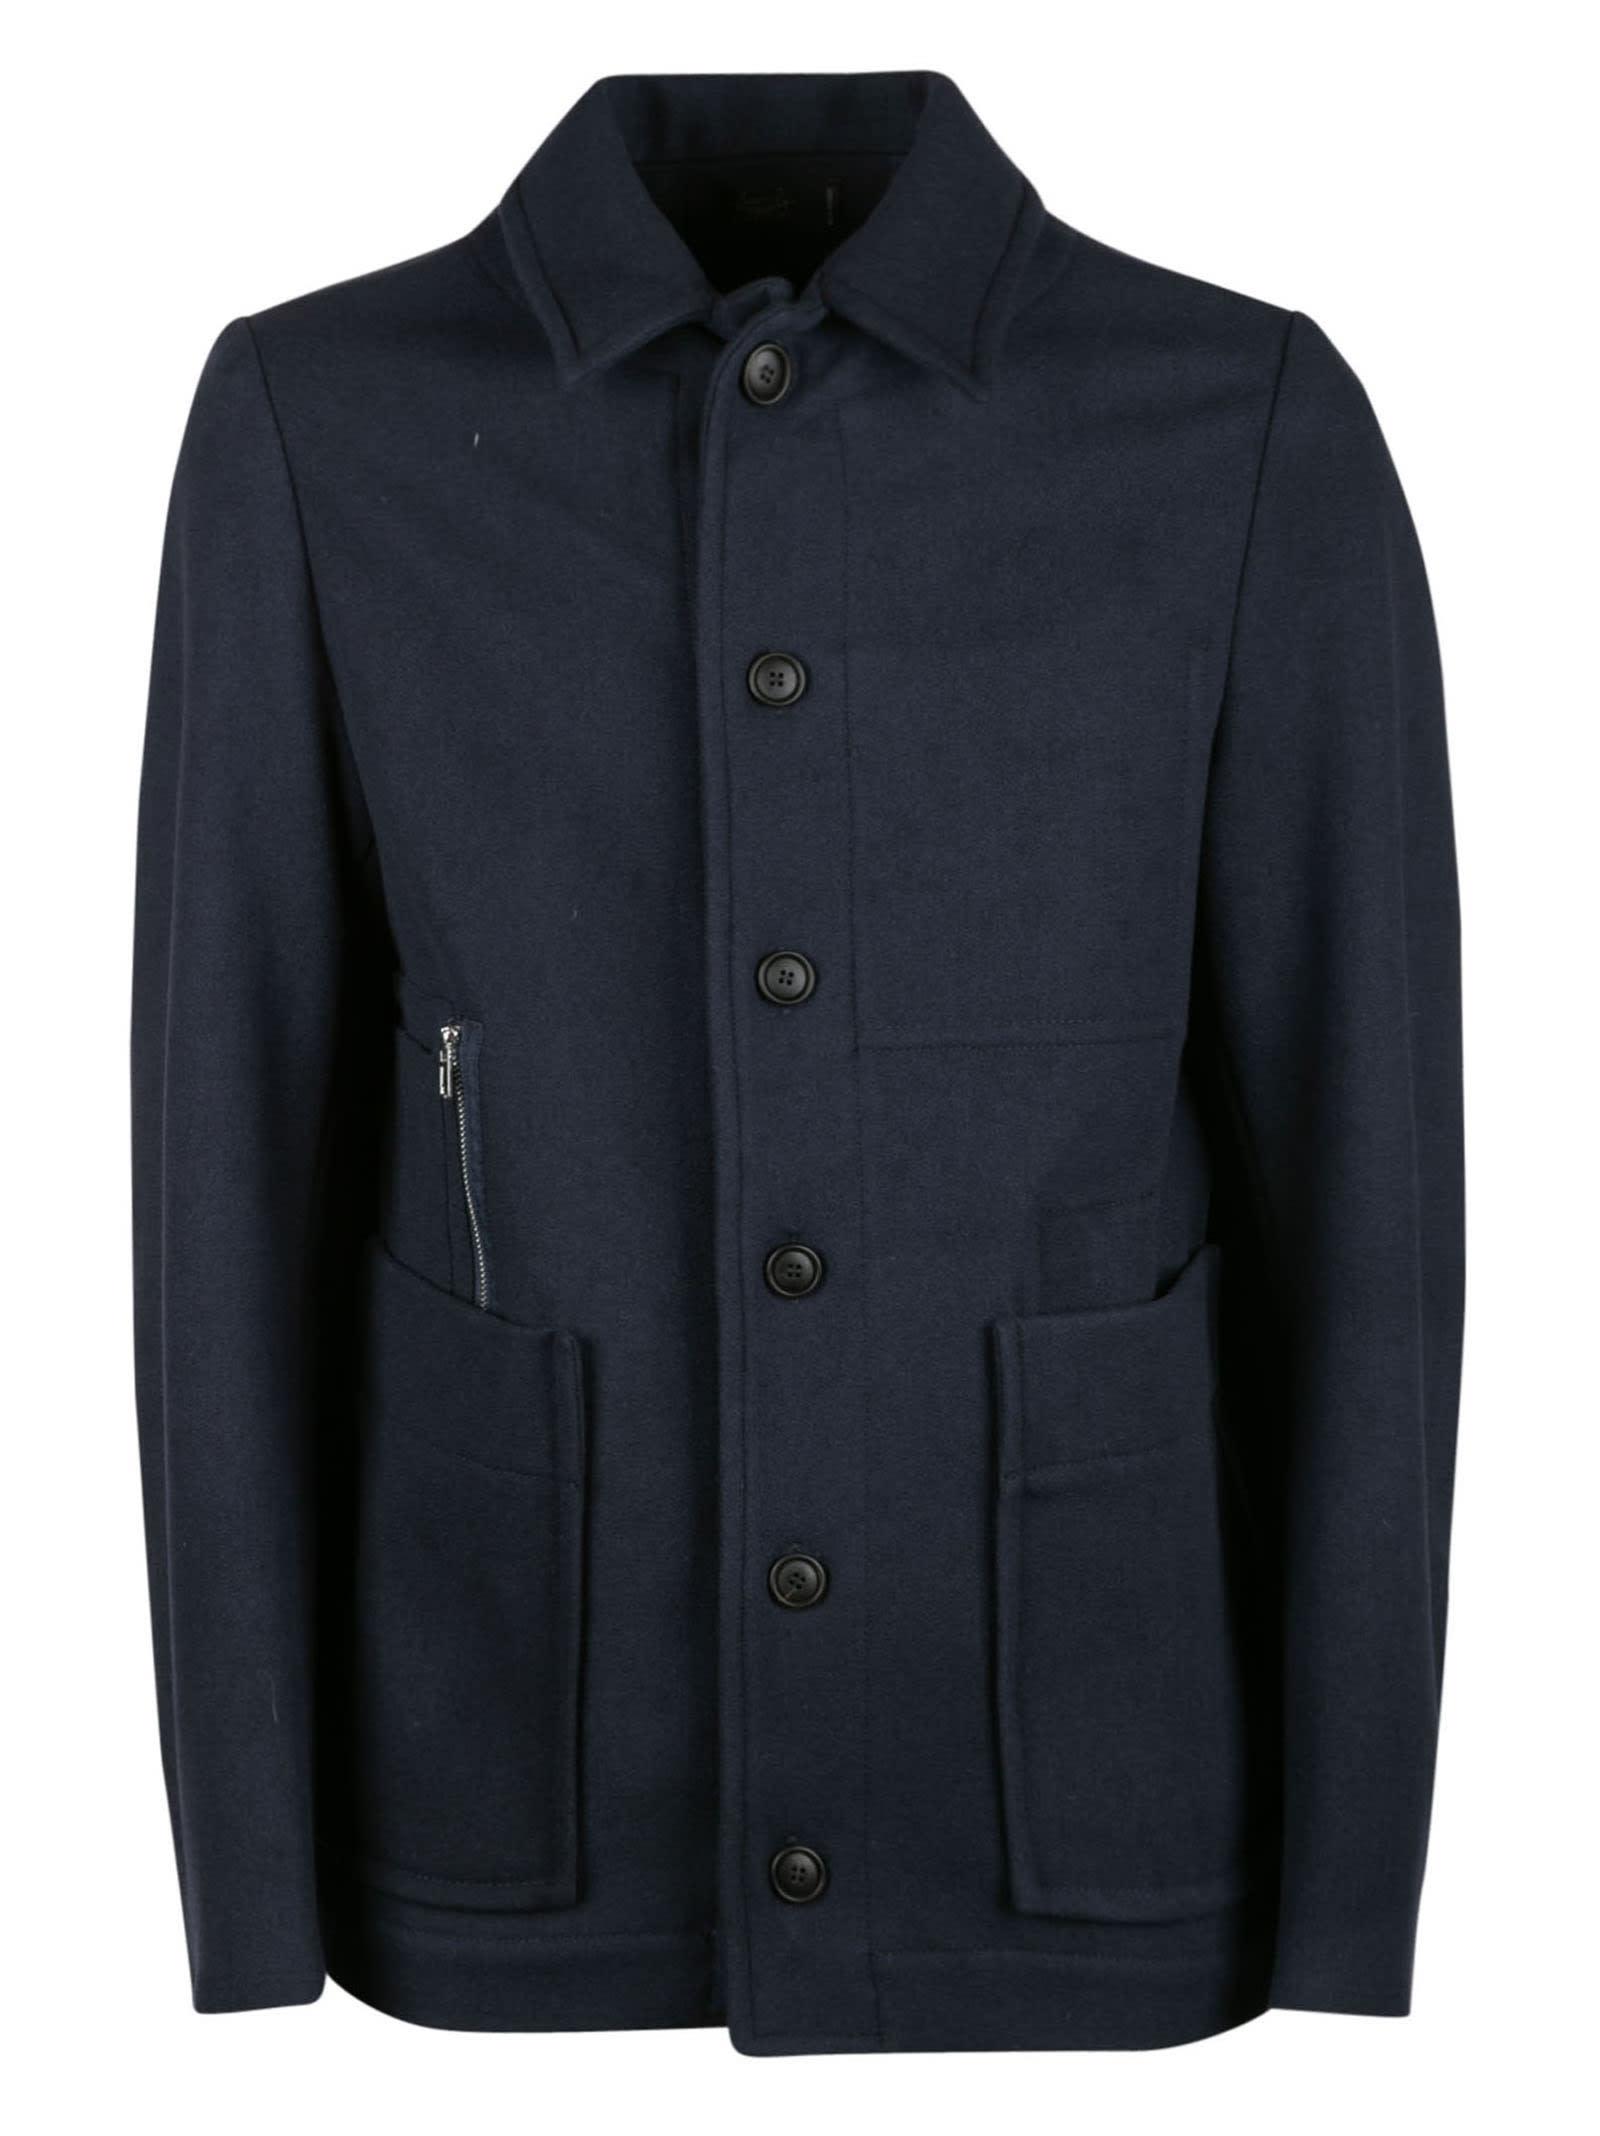 Regular Buttoned Jacket